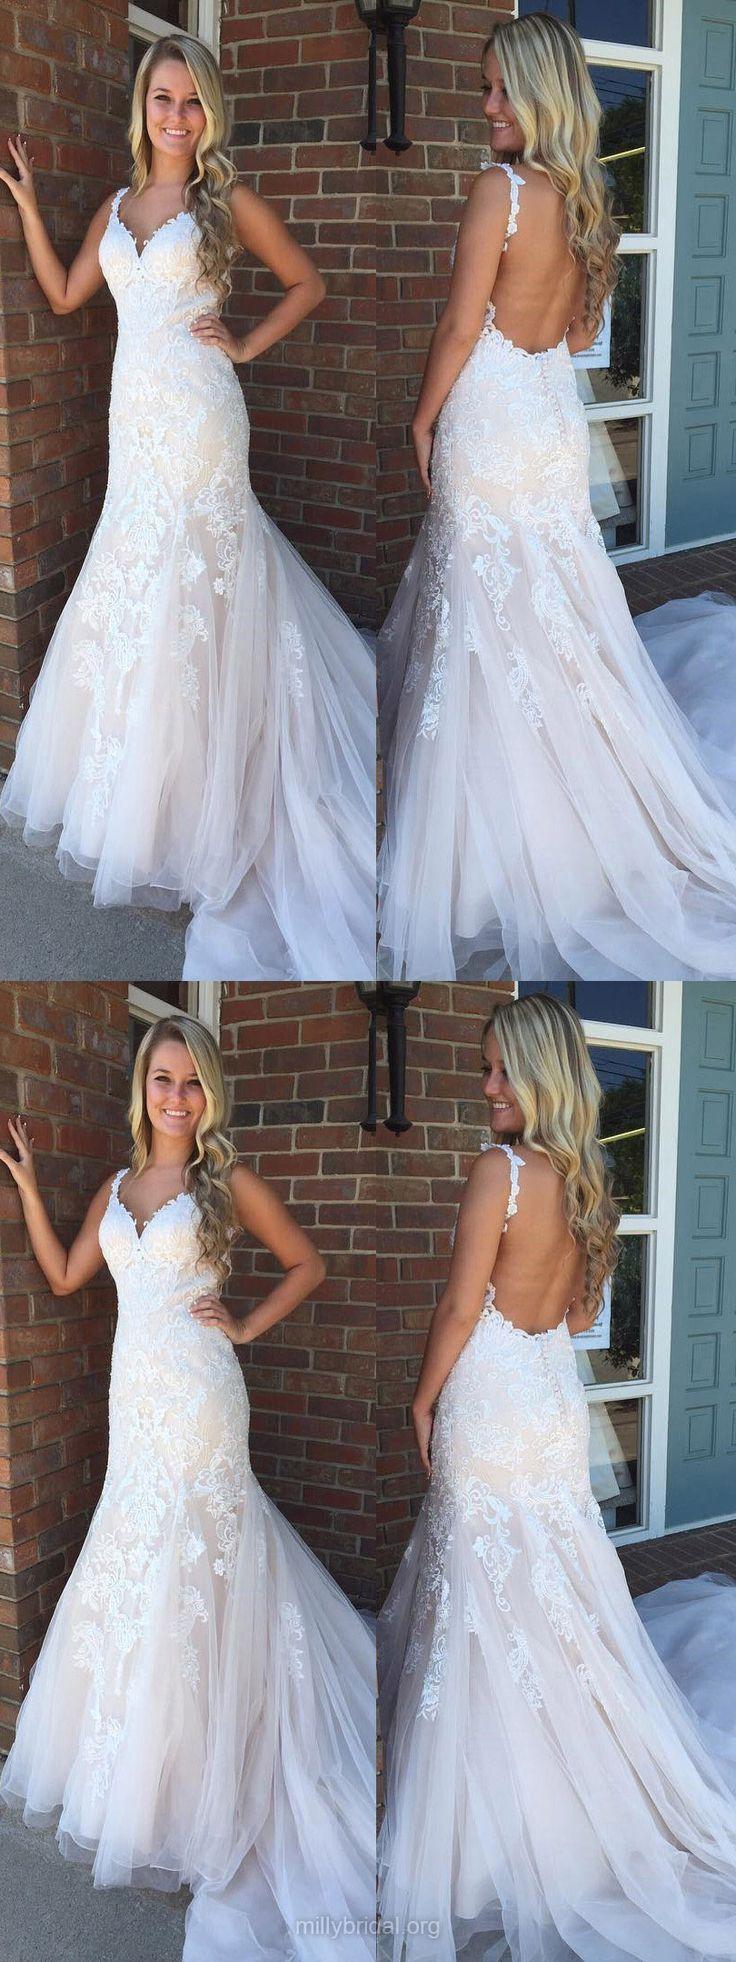 Lace Prom Dresses,Long Prom Dresses,2018 Prom Dresses Trumpet/Mermaid, Modest Prom Dresses V-neck, Tulle Prom Dresses For Teens Appliques #promdresses